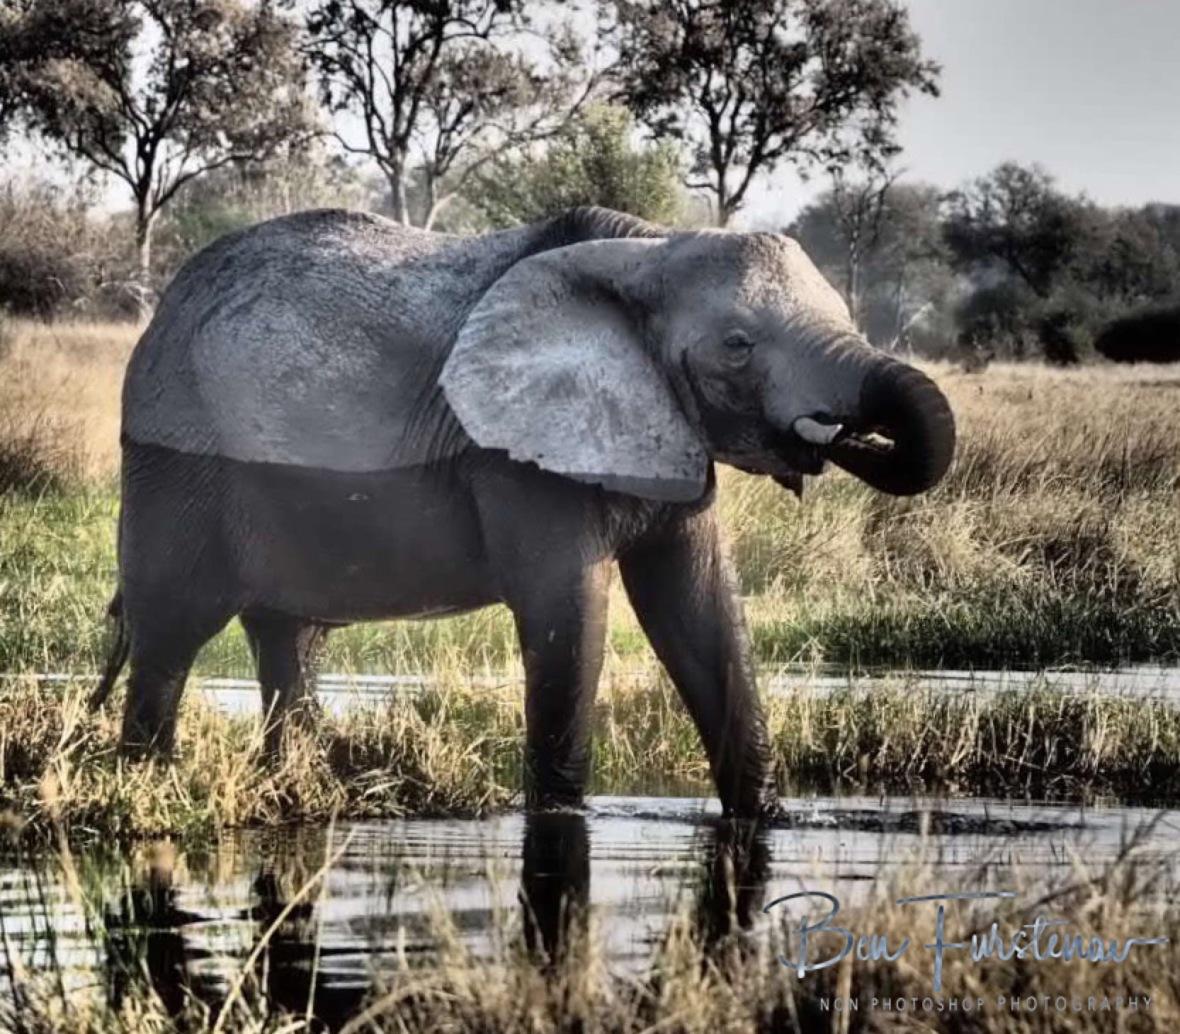 Tuxedo, Moremi National Park, Botswana